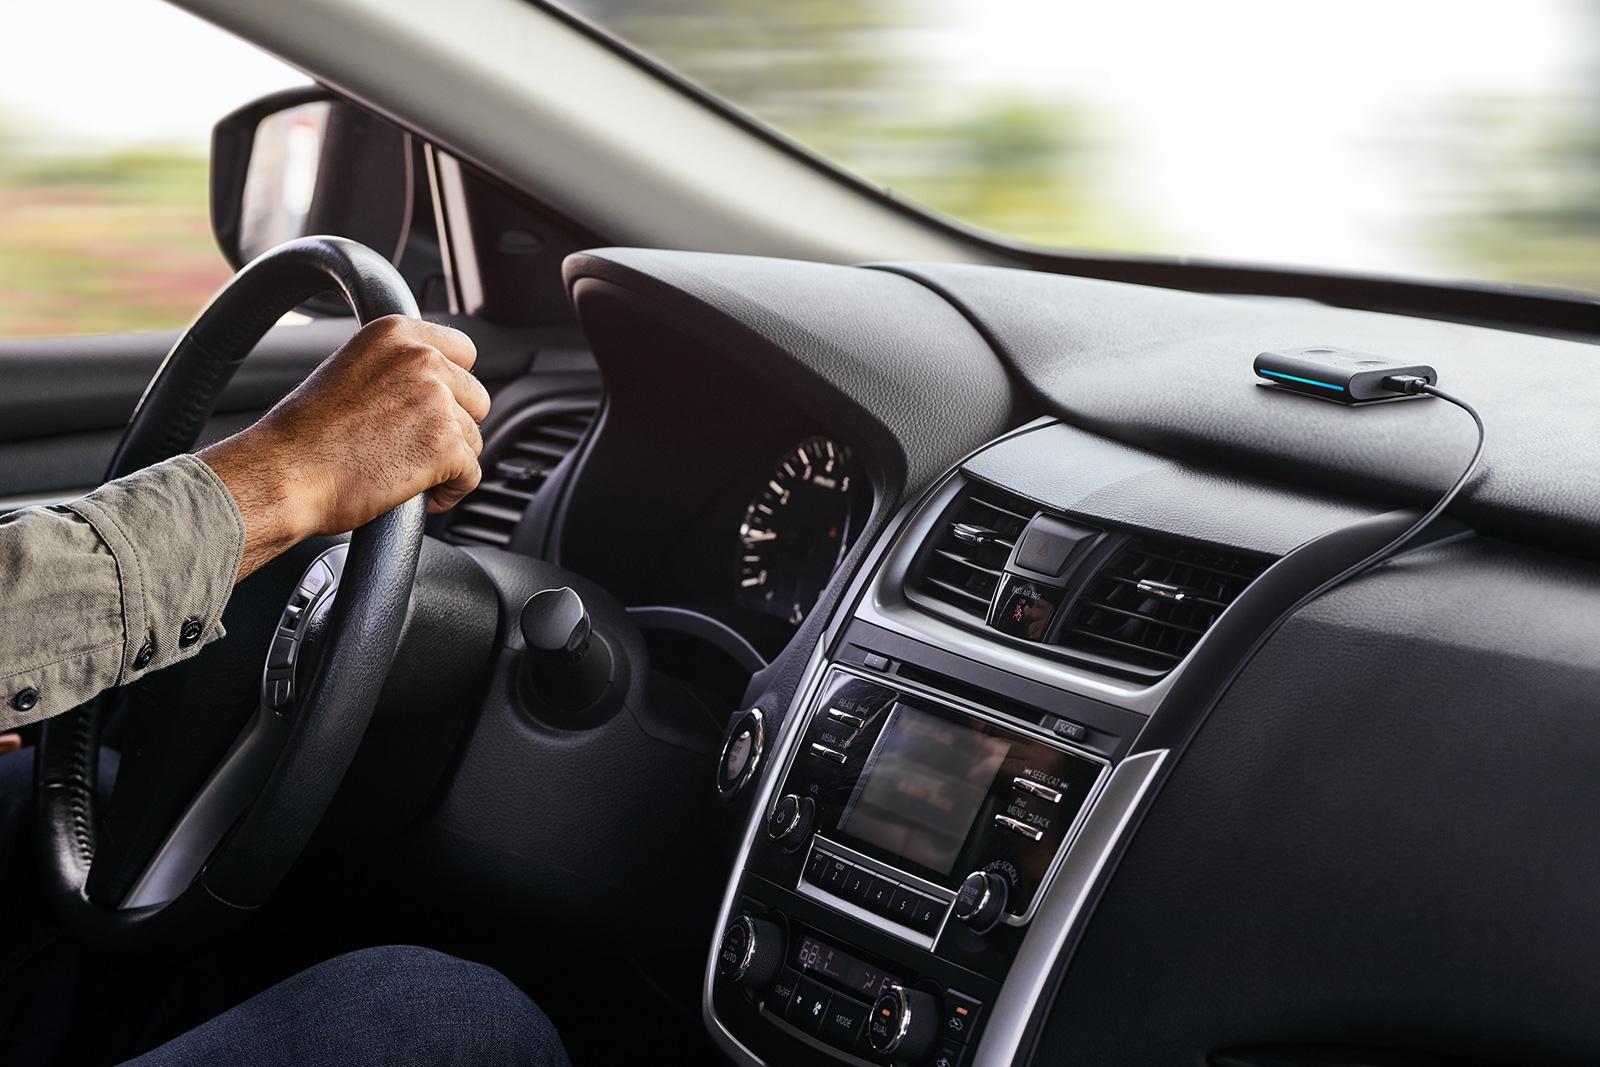 Amazon's Echo Auto puts Alexa in any car | DeviceDaily.com